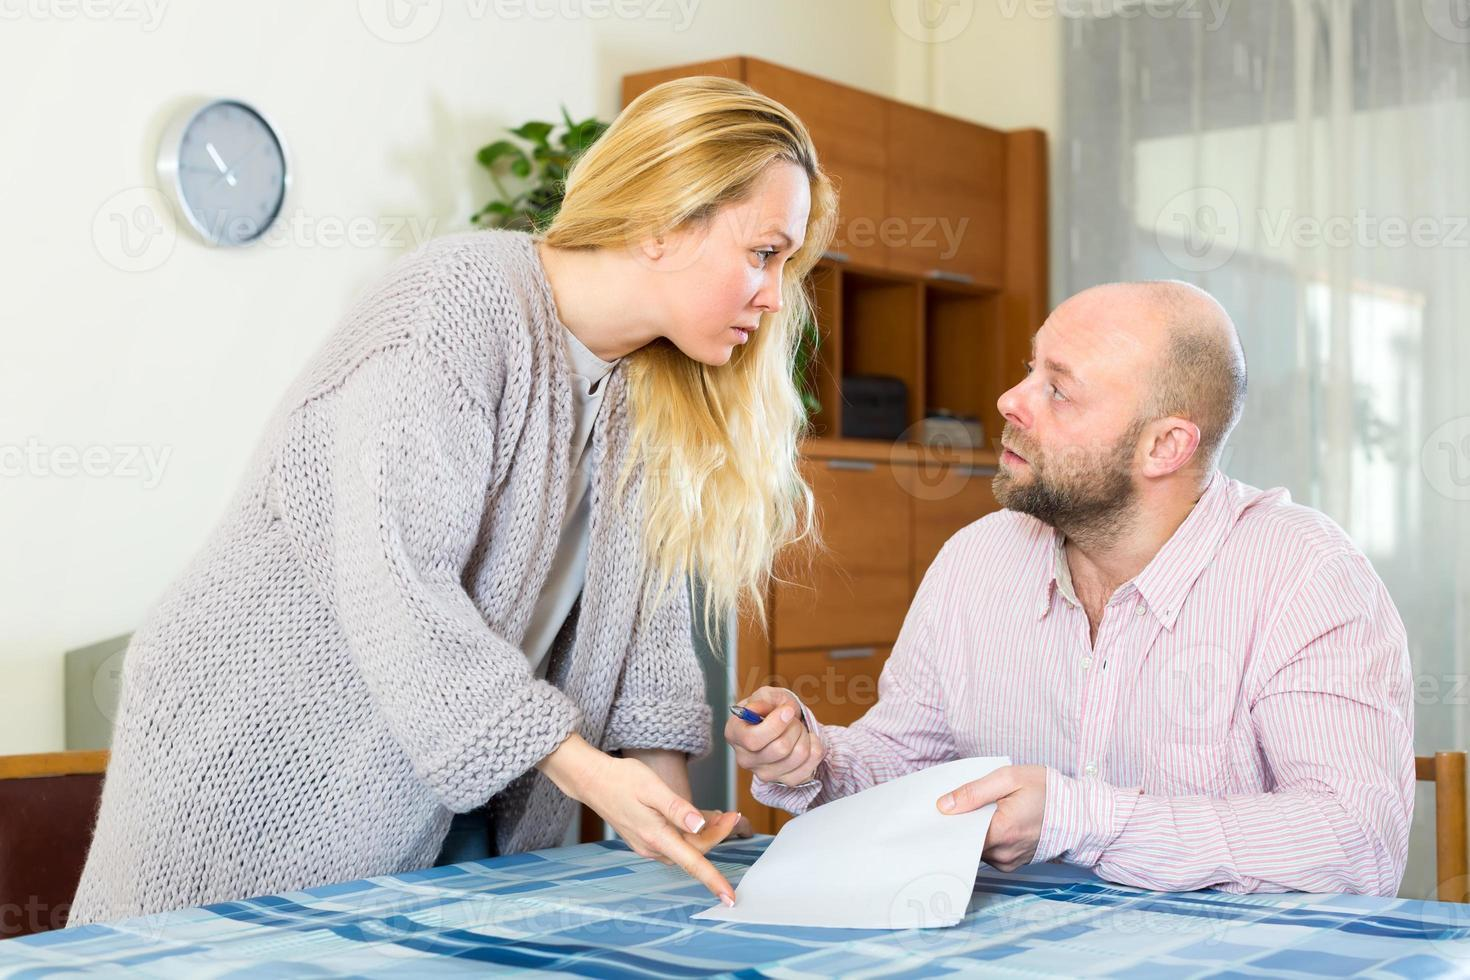 pareja casada rellenando formularios foto